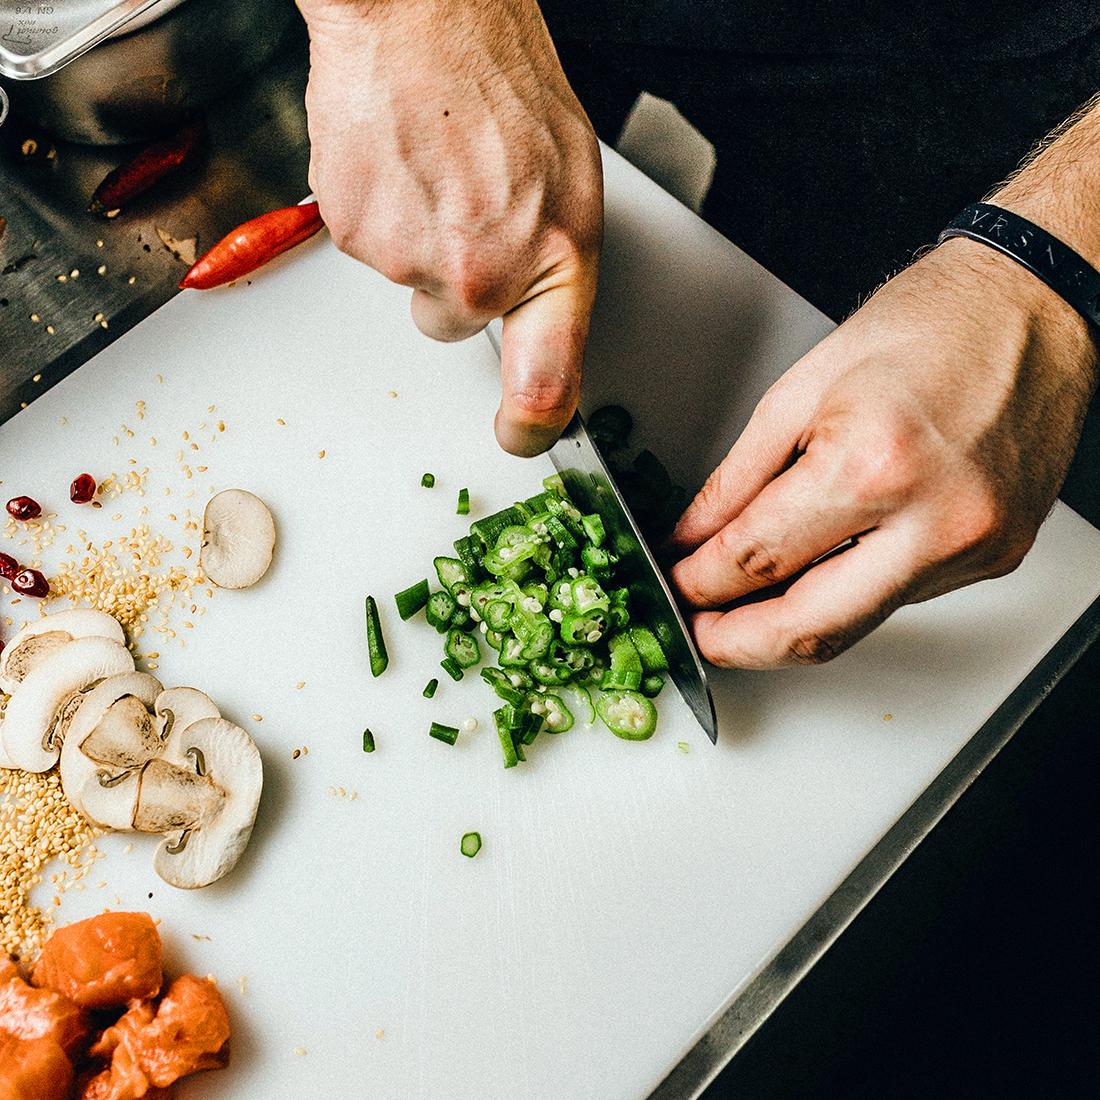 cooking-prep.jpg